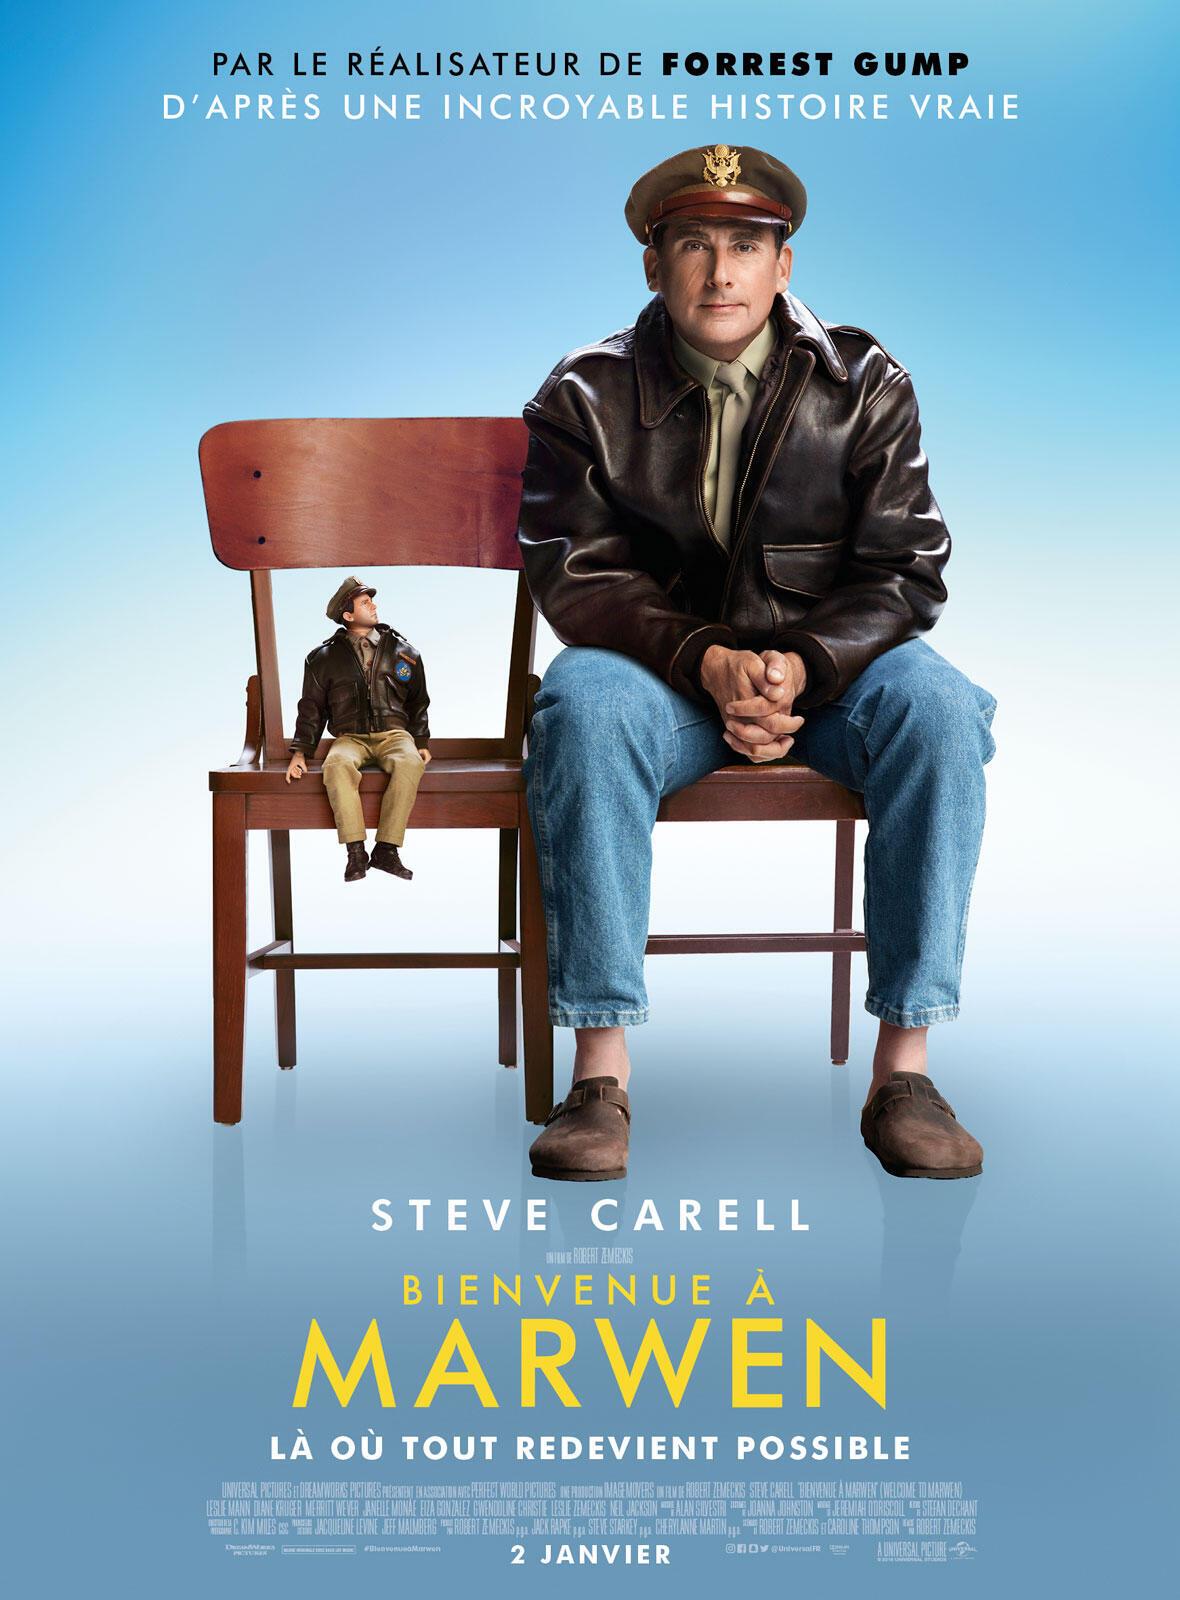 L'affiche du film «Bienvenue à Marwen».